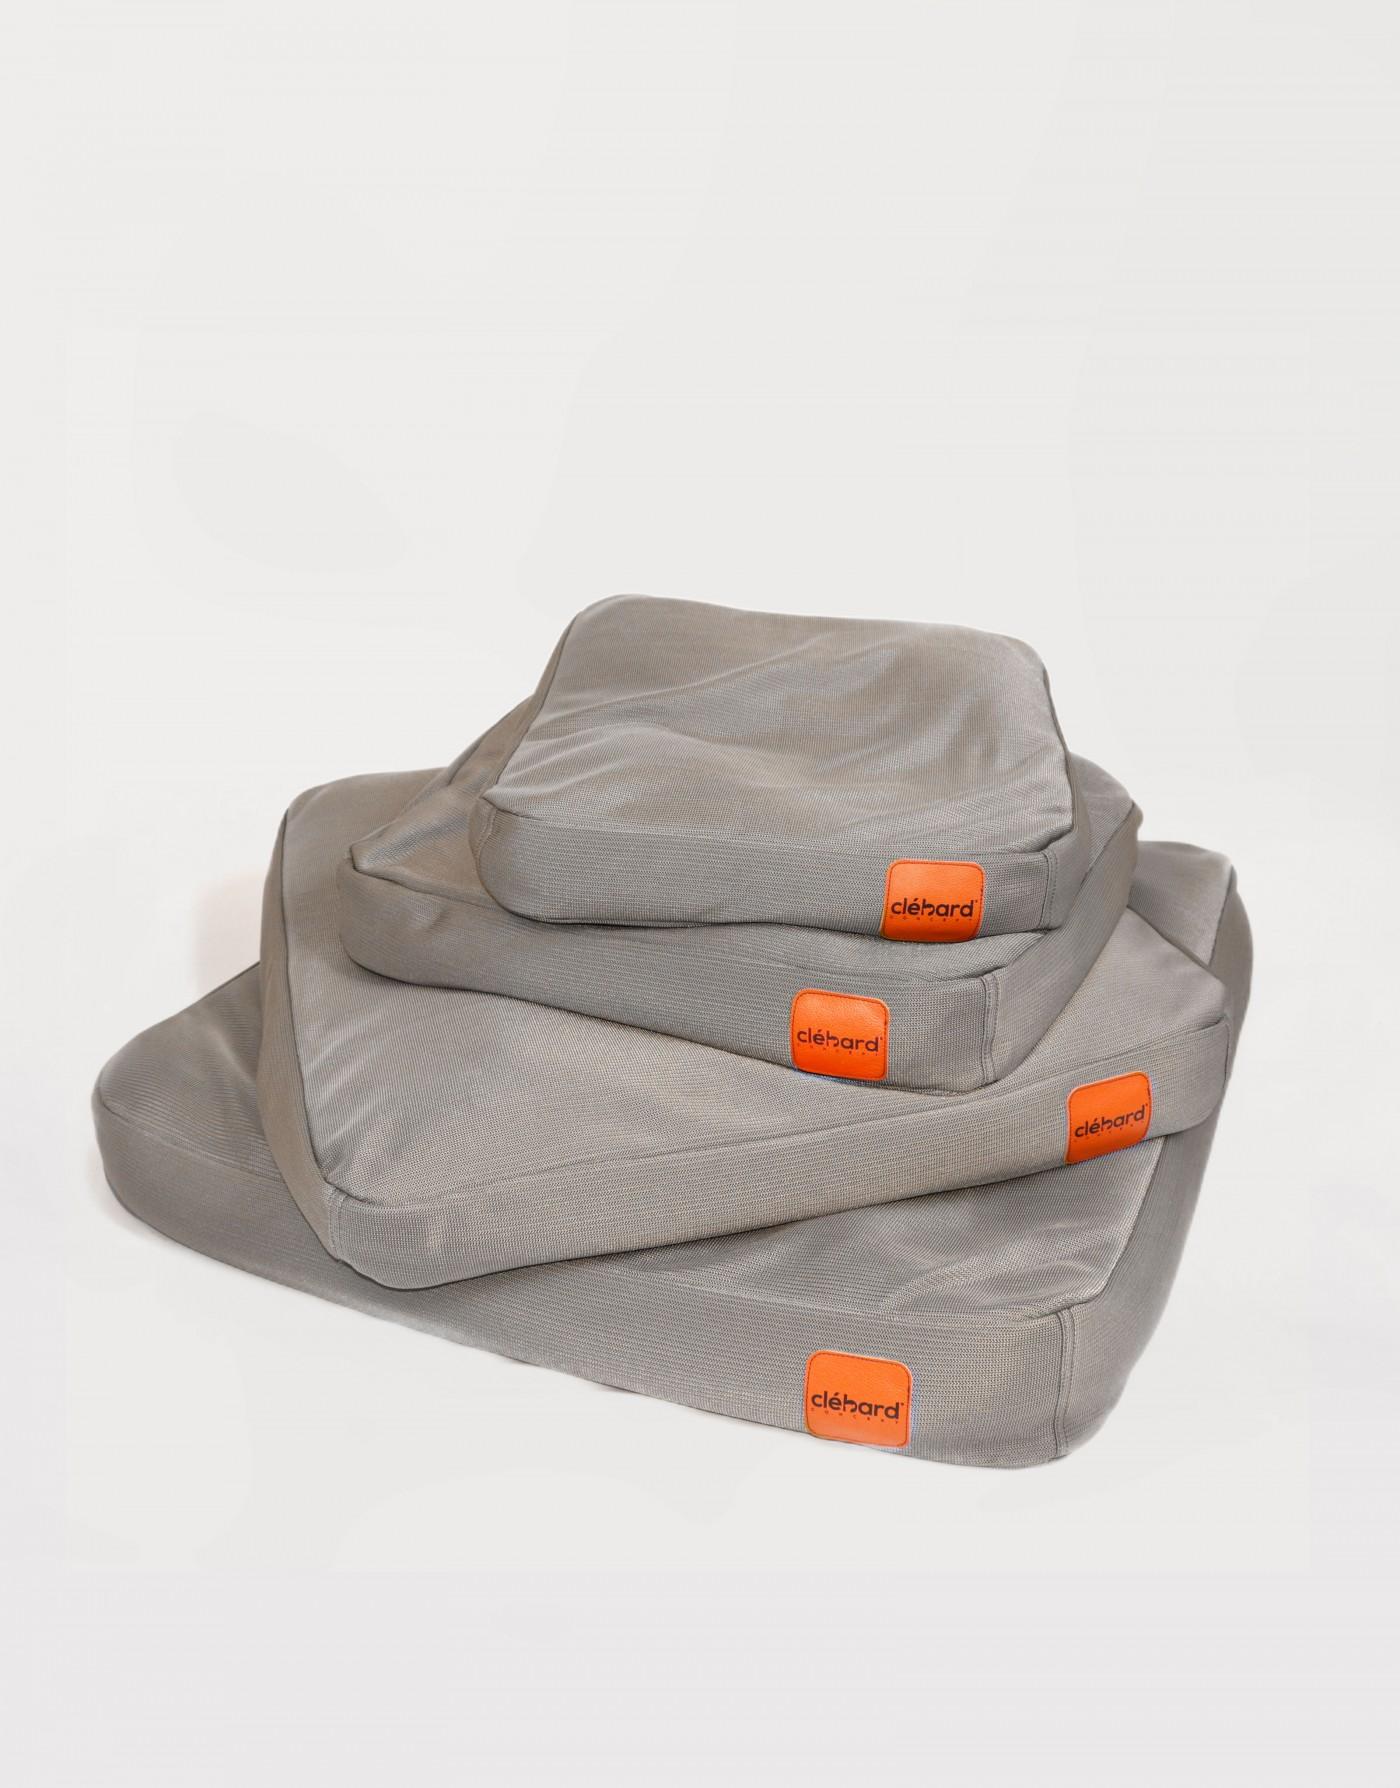 Chain Clébard concept - Resistant aux griffures et aux morsures, confort absolu